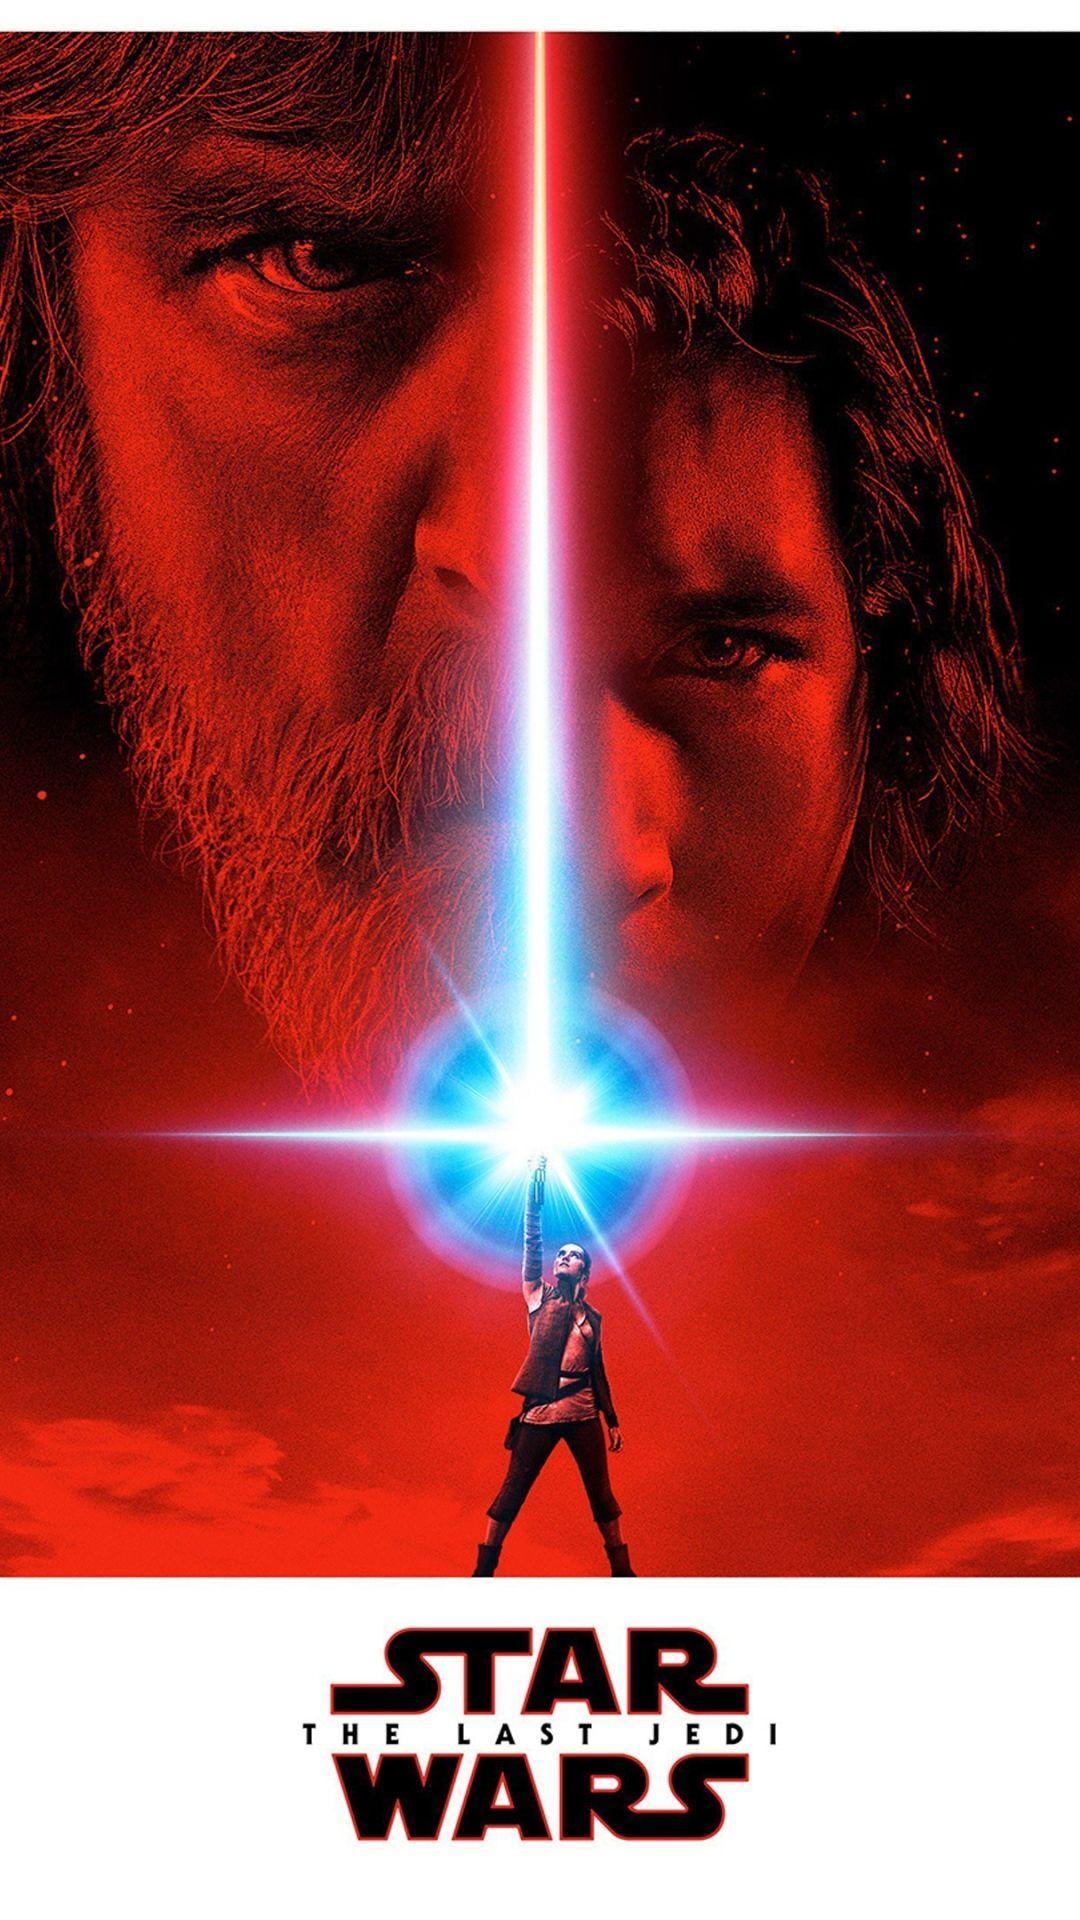 Star Wars Last Jedi Phone Wallpapers Top Free Star Wars Last